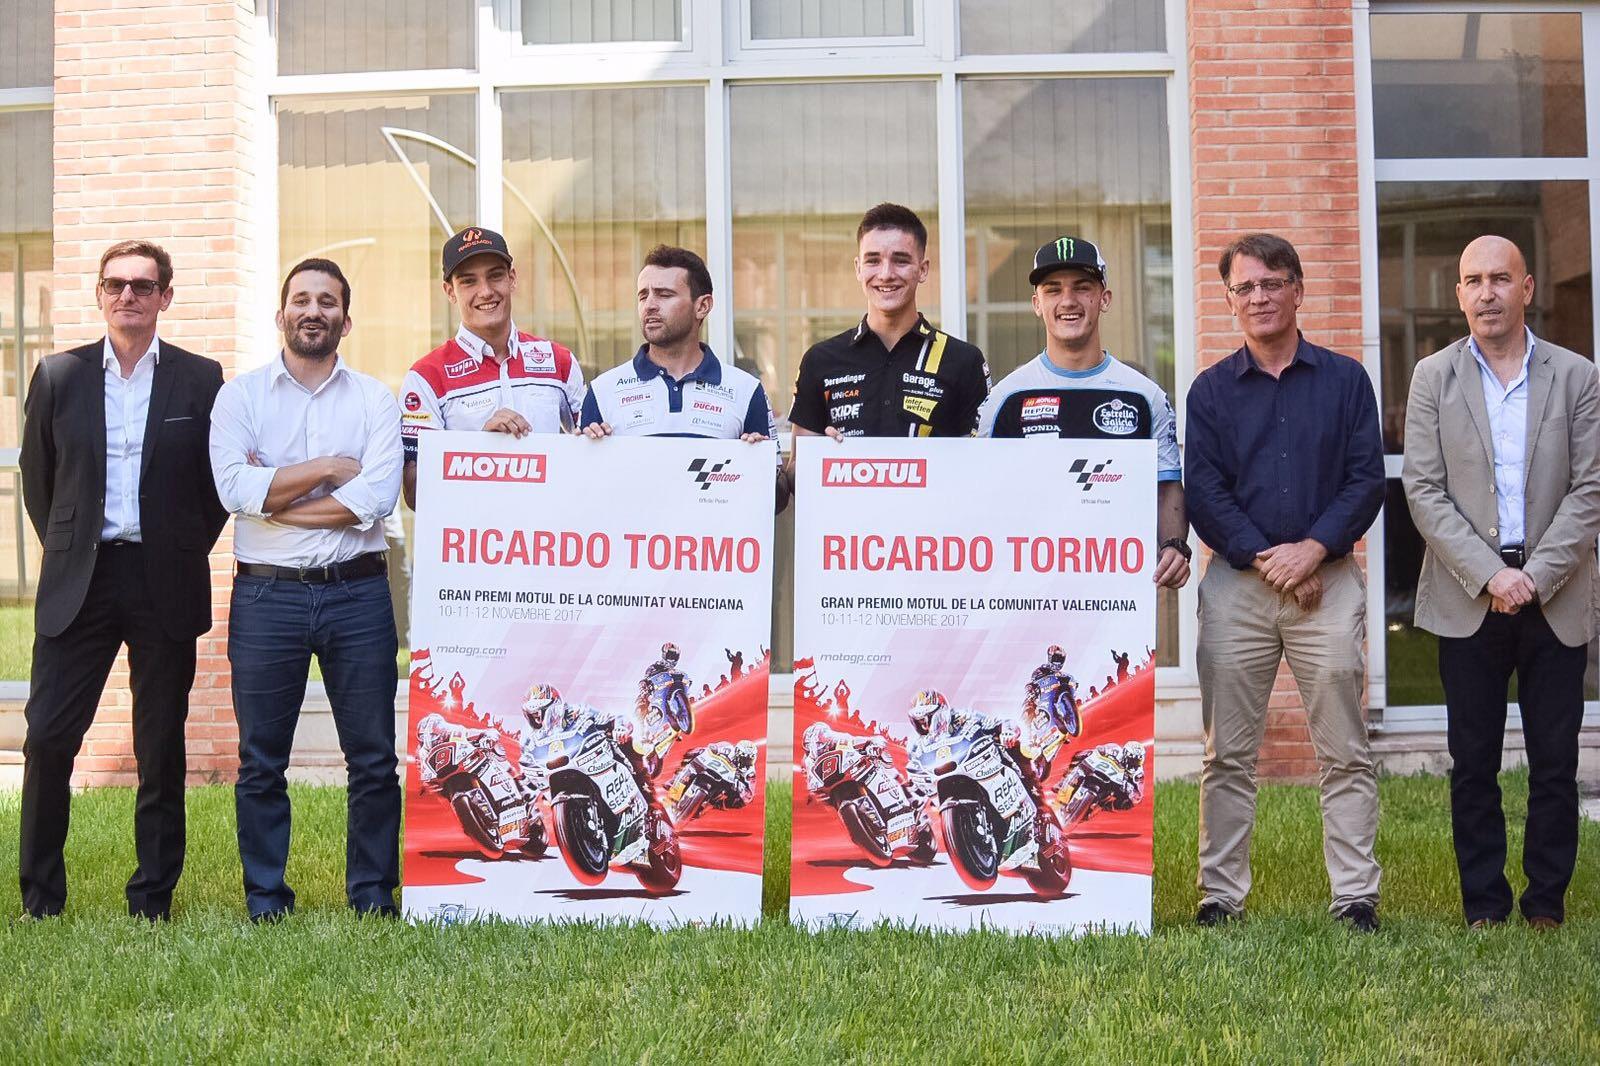 En el acto han participado los protagonistas del cartel promocional, los cuatro pilotos valencianos que han participado en toda la temporada de carreras: Héctor Barberá en la categoría de MotoGP, Jorge Navarro e Iker Lecuona en Moto2 y Arón Canet en Moto3.